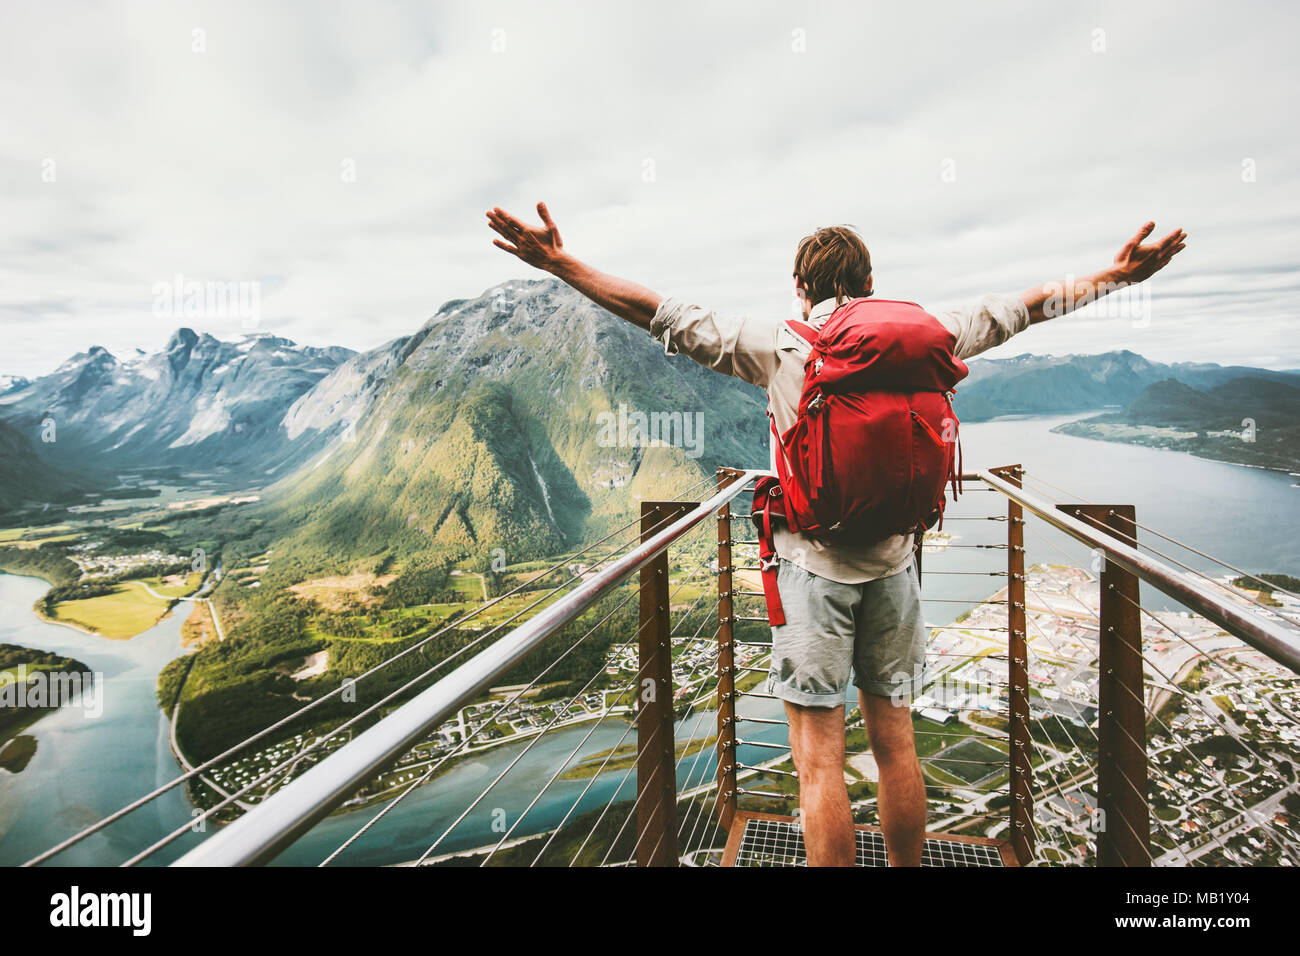 Uomo felice le mani alzate di antenna godendo di montagne paesaggio Lifestyle Viaggi avventura vacanze emozioni di successo in Norvegia viaggiatore con zaino stan Immagini Stock